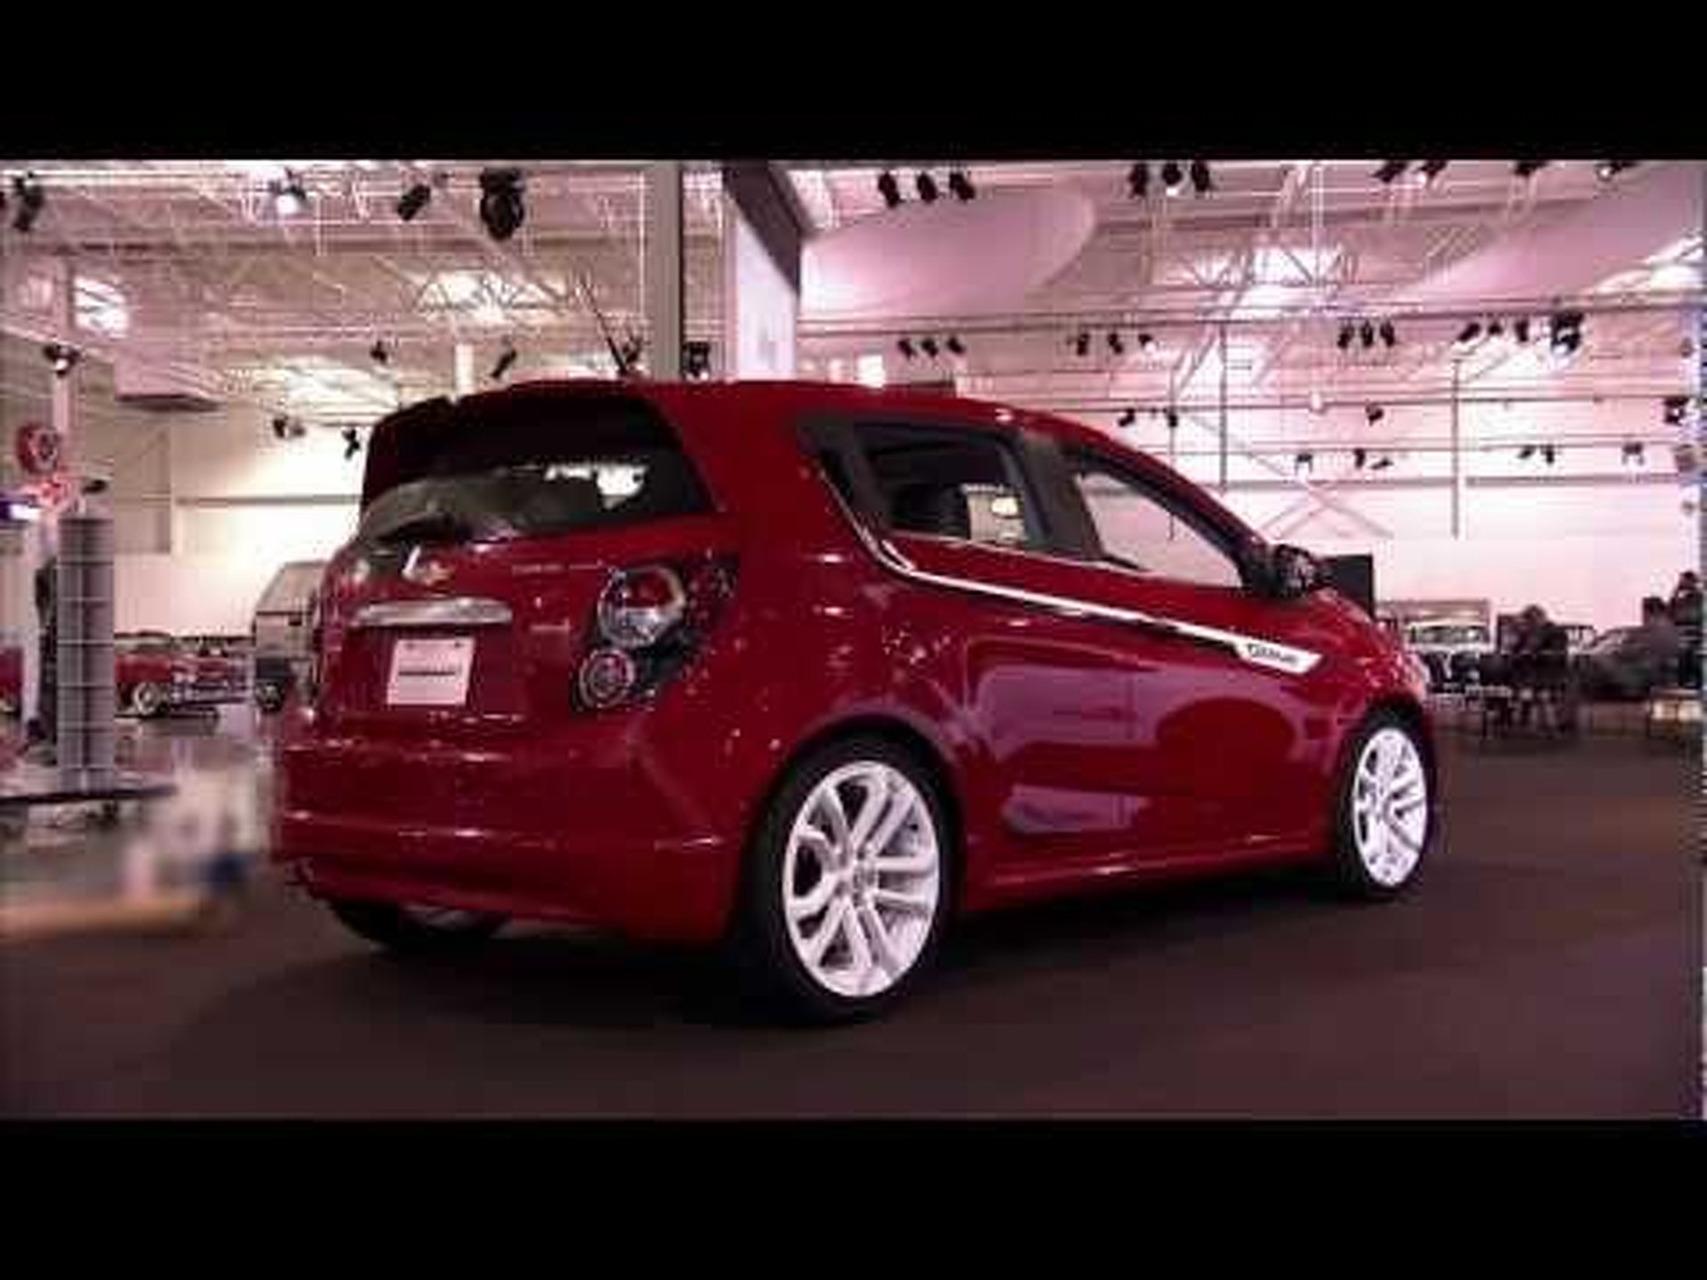 2011 Chevrolet Sonic Z-Spec #1 - SEMA